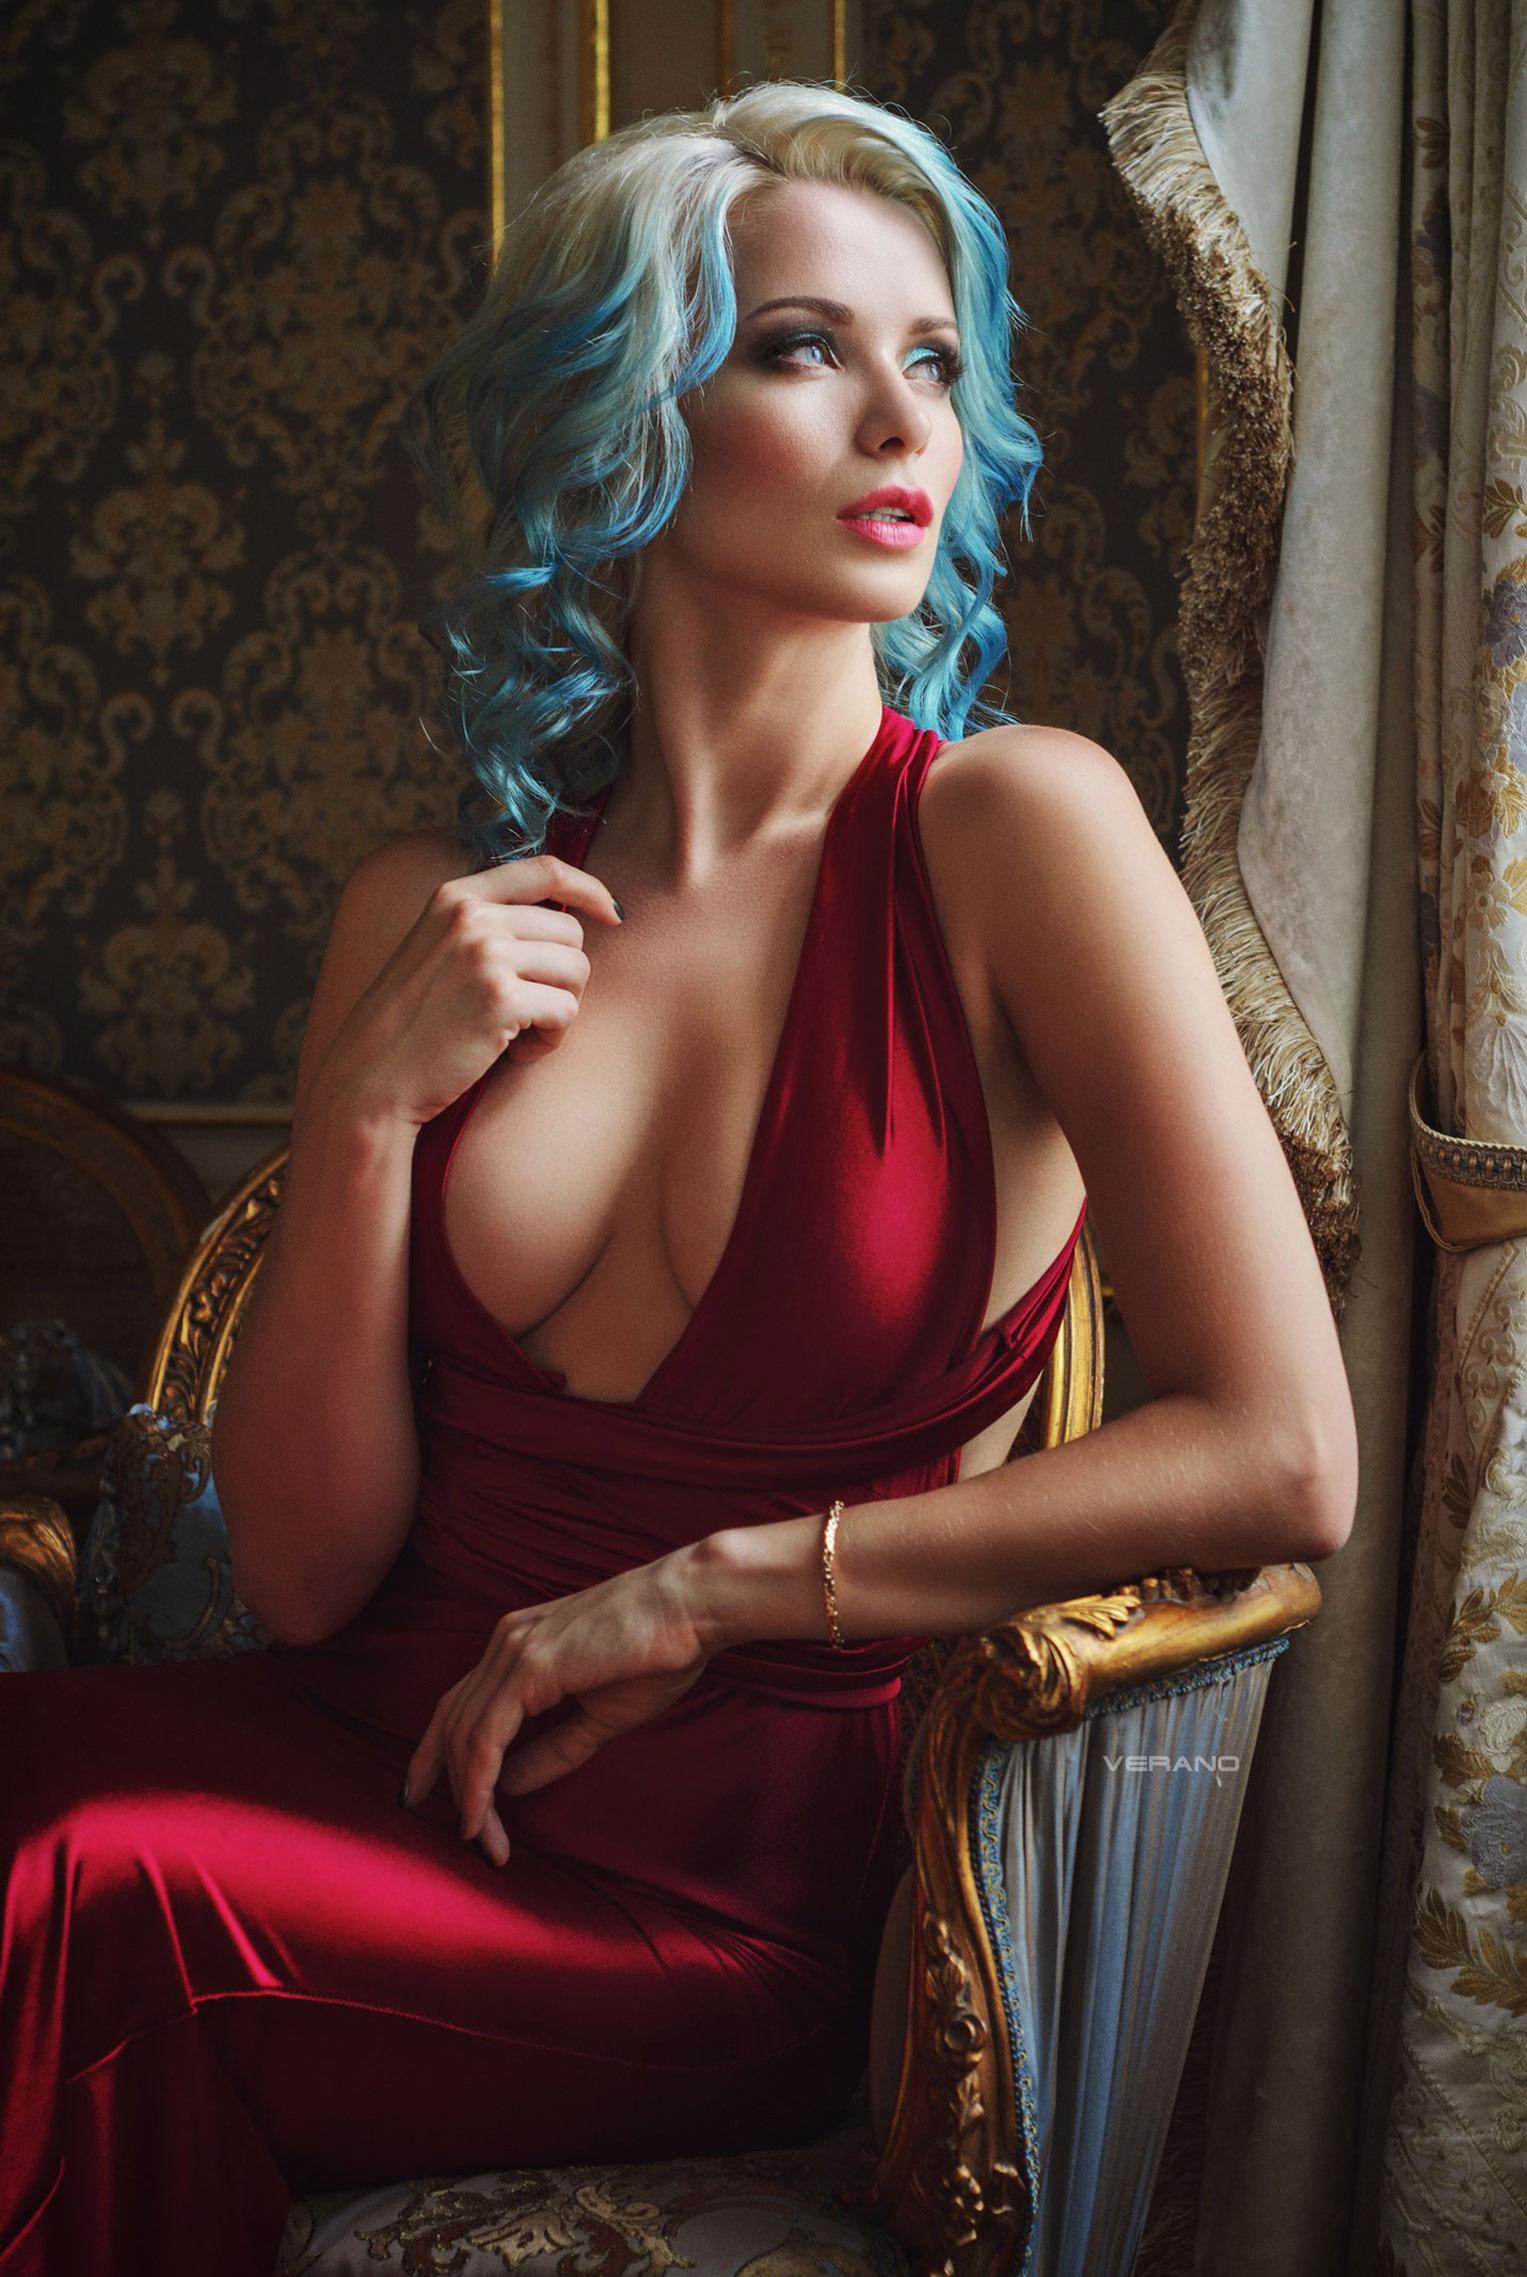 синеволосая Екатерина Енокаева в красном платье с белой собачкой / фото 06